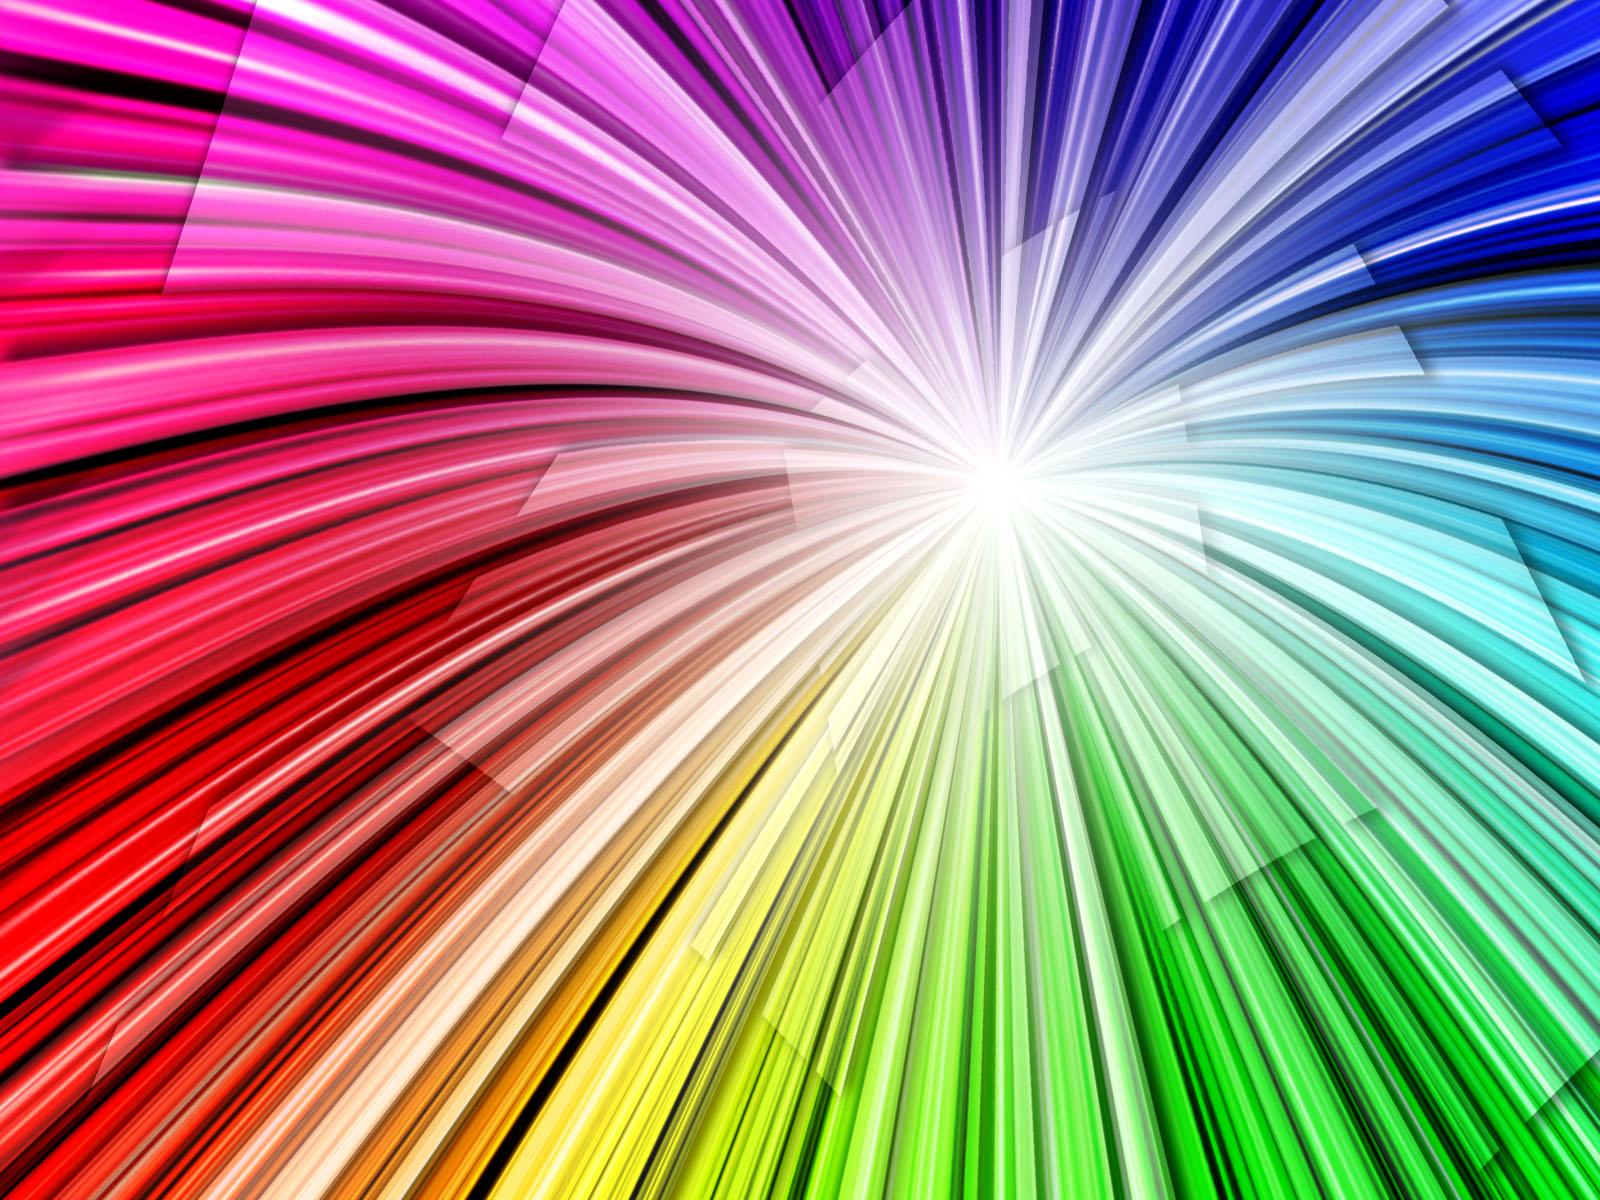 http://3.bp.blogspot.com/_Uf42tA7xWWA/S9iA9-o9p6I/AAAAAAAABfg/emgoBbHzWGY/s1600/Radial_Rainbow_Wallpaper.jpg